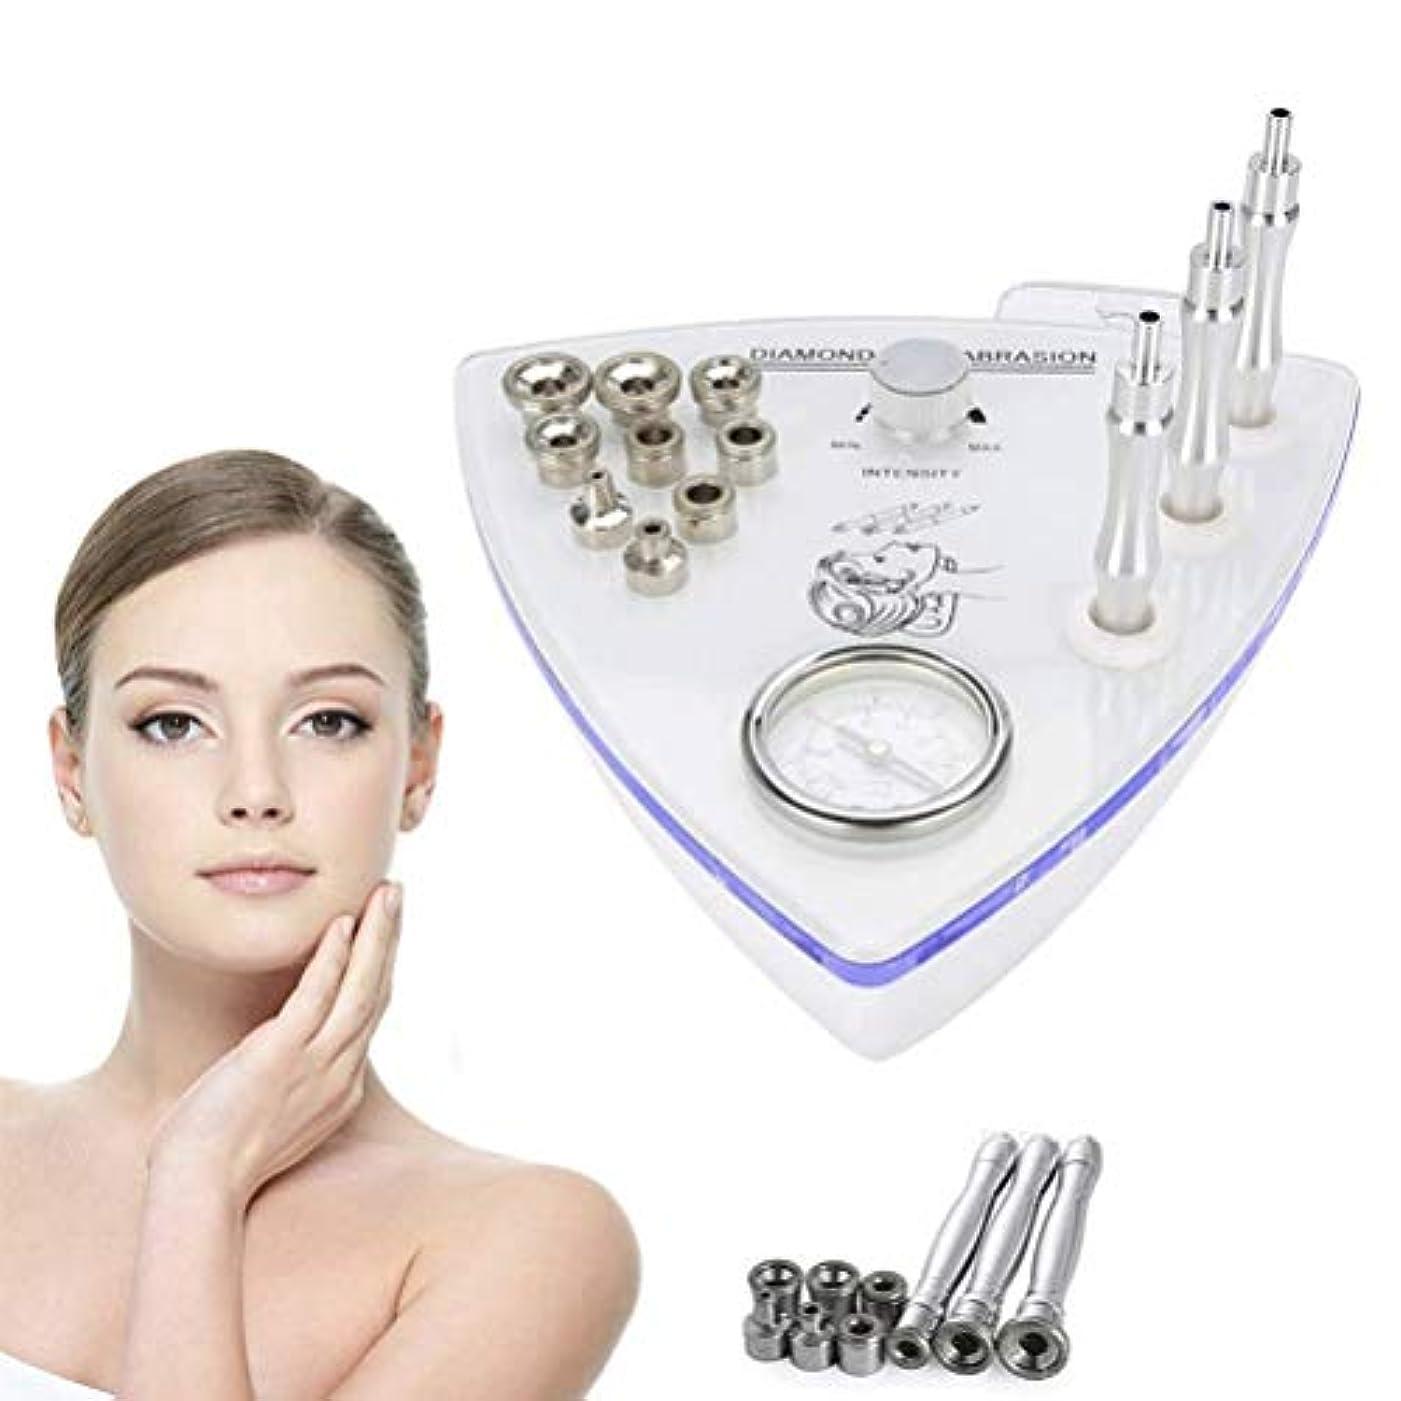 王女スイ野生フェイシャルマッサージ - 美容機ダイヤモンドマイクロダーマブレーション皮膚剥離マシンスプレーガン水では、真空吸引剥離スプレー